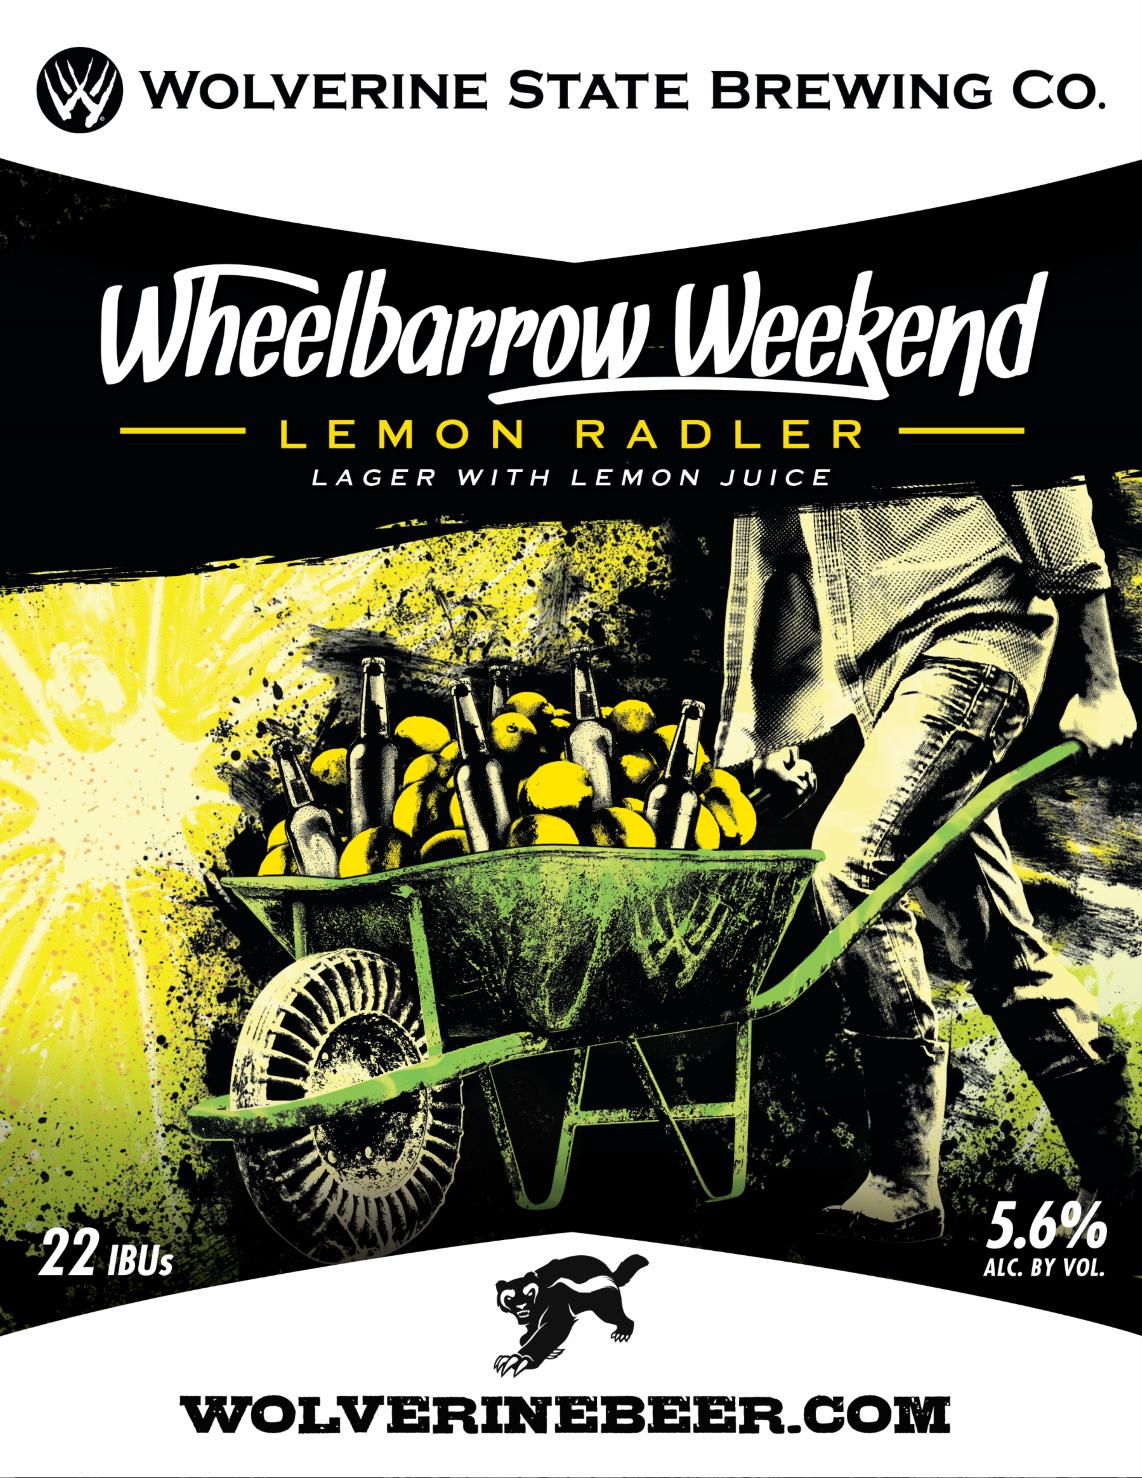 Wheelbarrow Weekend Beer Poster